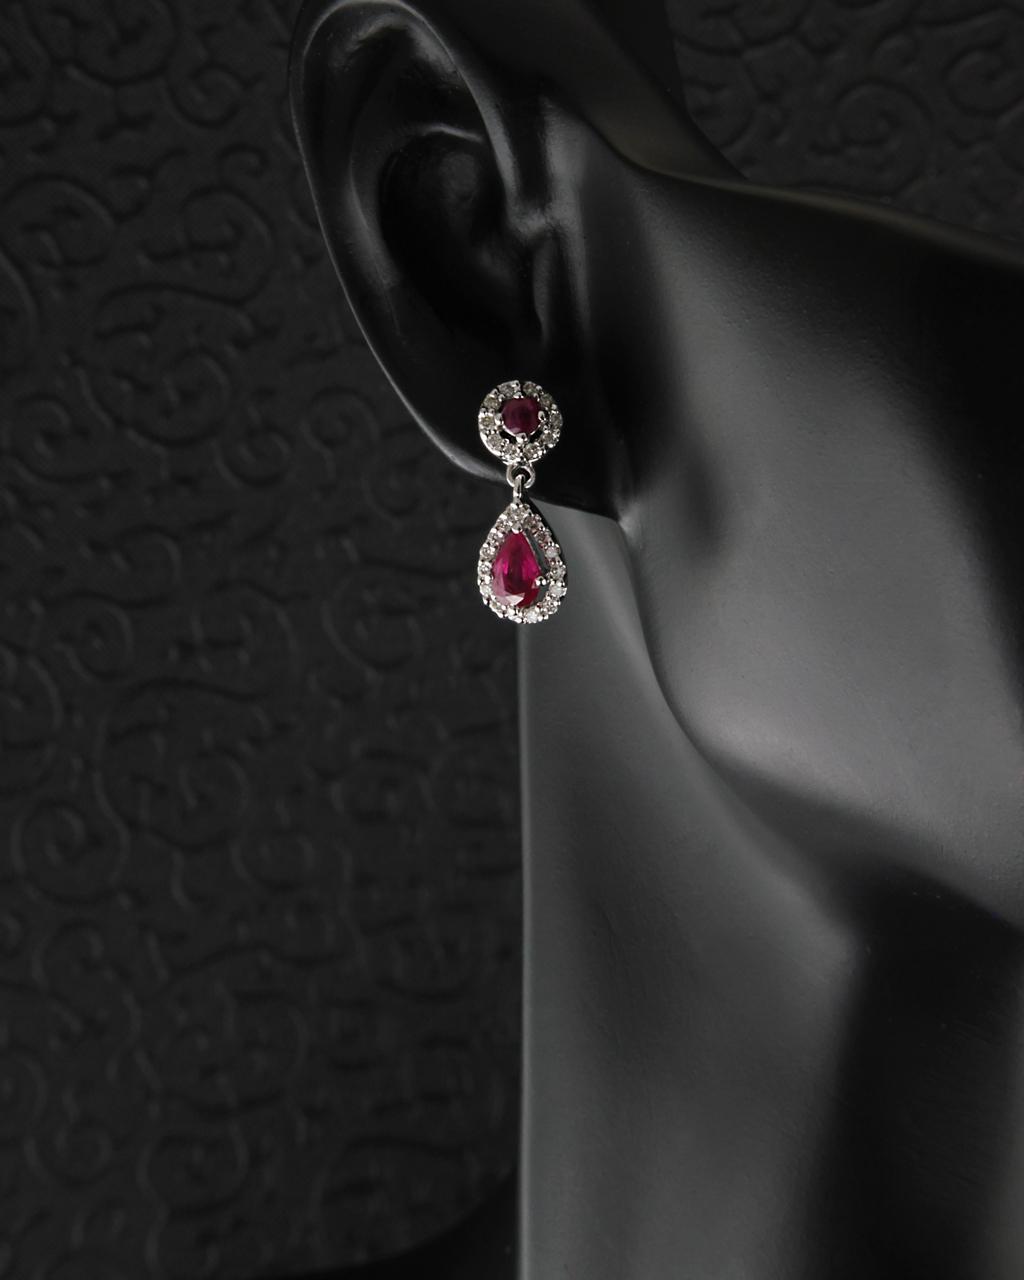 Σκουλαρίκια από λευκόχρυσο Κ18 με Ρουμπίνια & Διαμάντια   γυναικα σκουλαρίκια σκουλαρίκια με διαμάντια